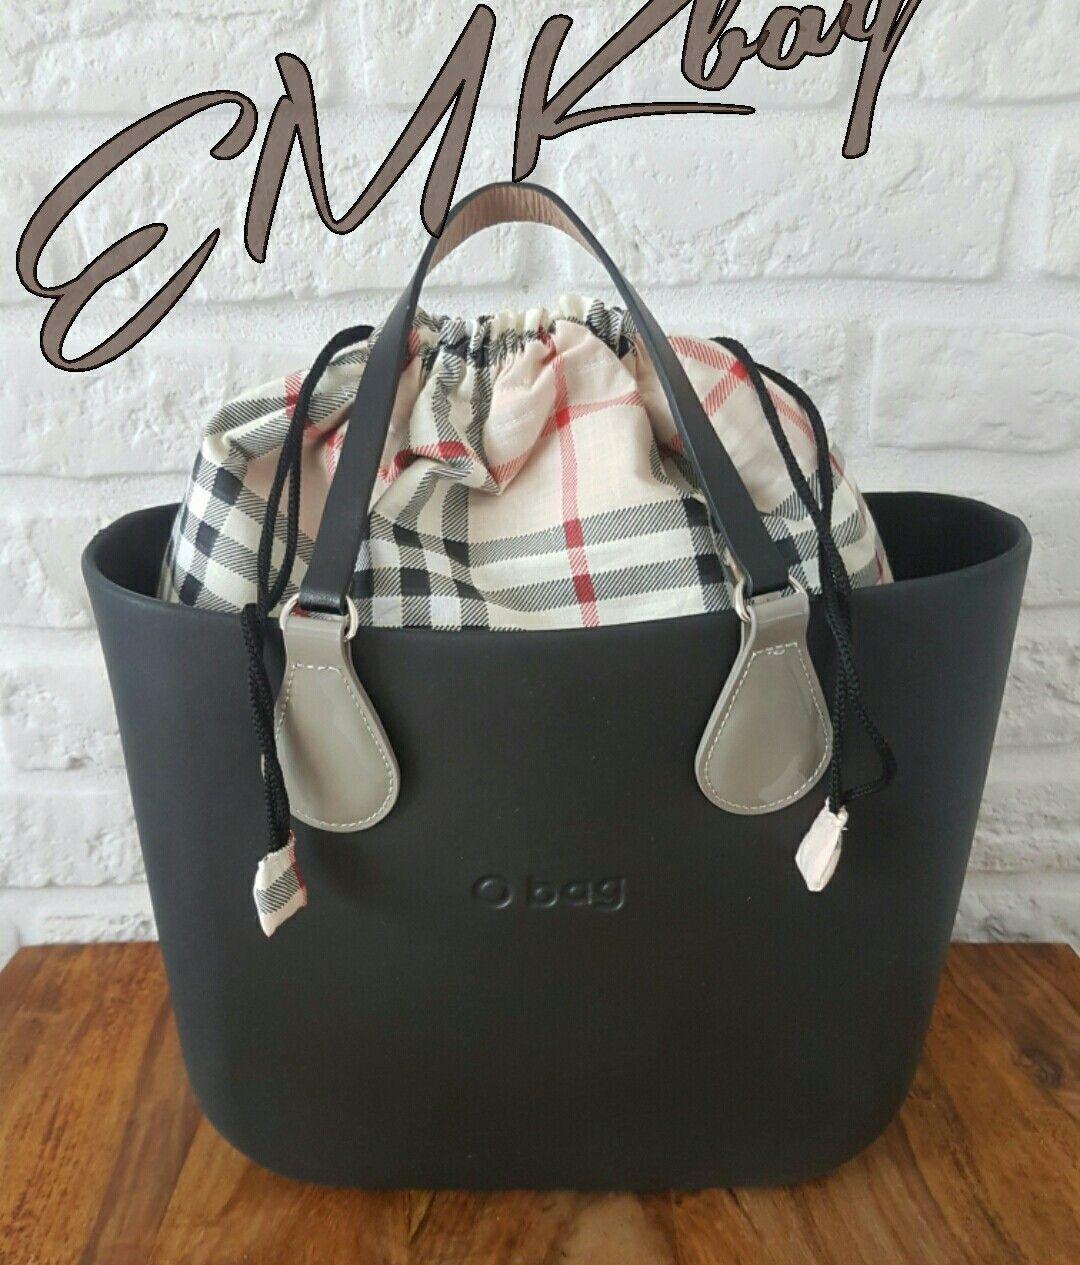 234bea5654 obag  o bag  nero  burberry  emkbag  mini